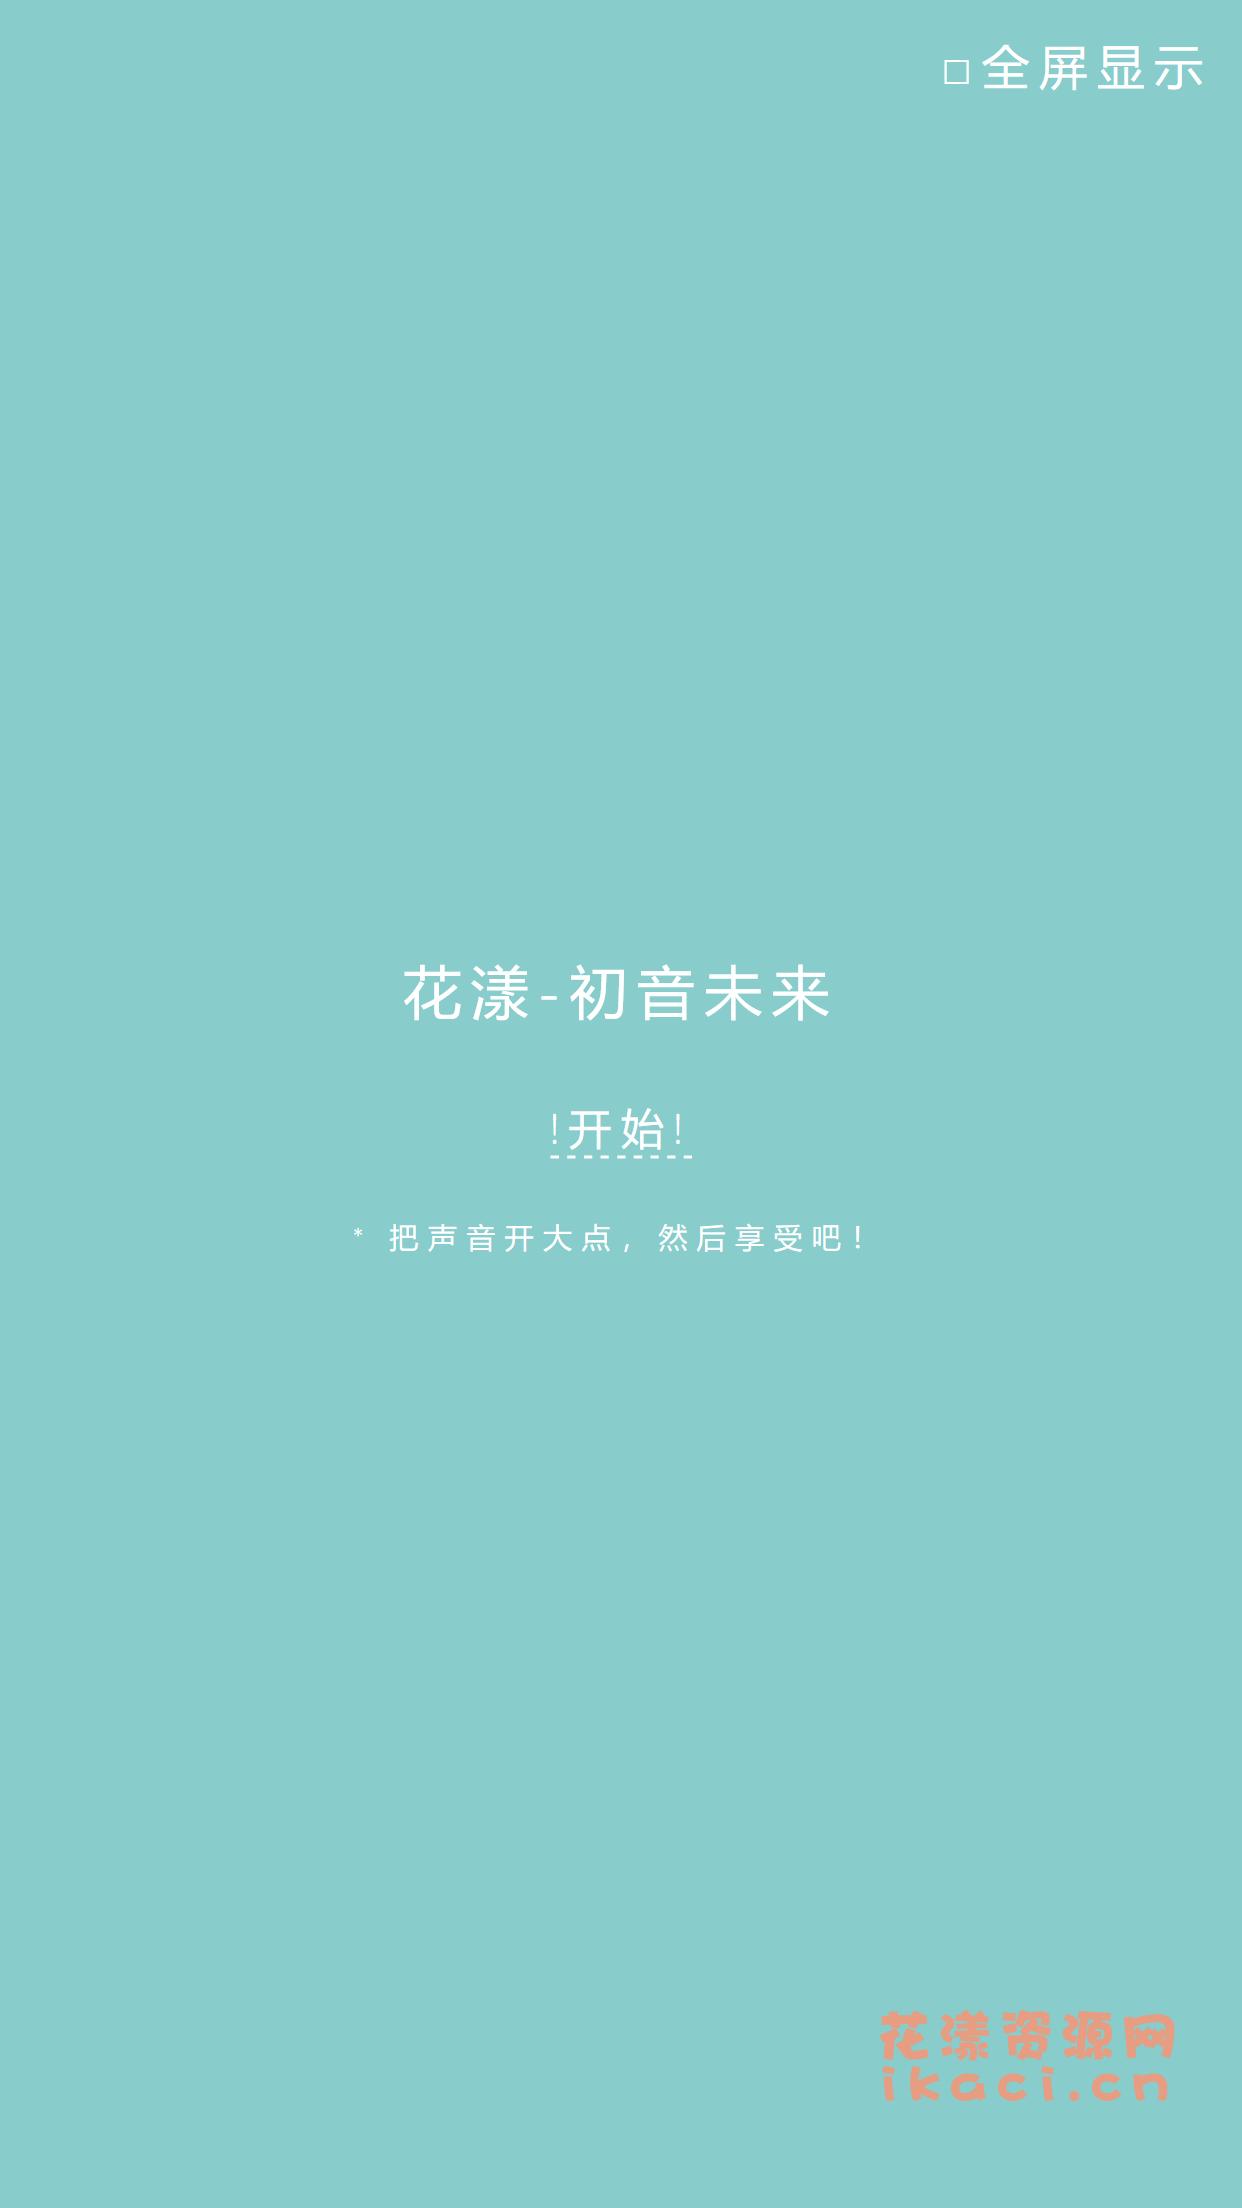 花漾-初音未来歌曲生成器